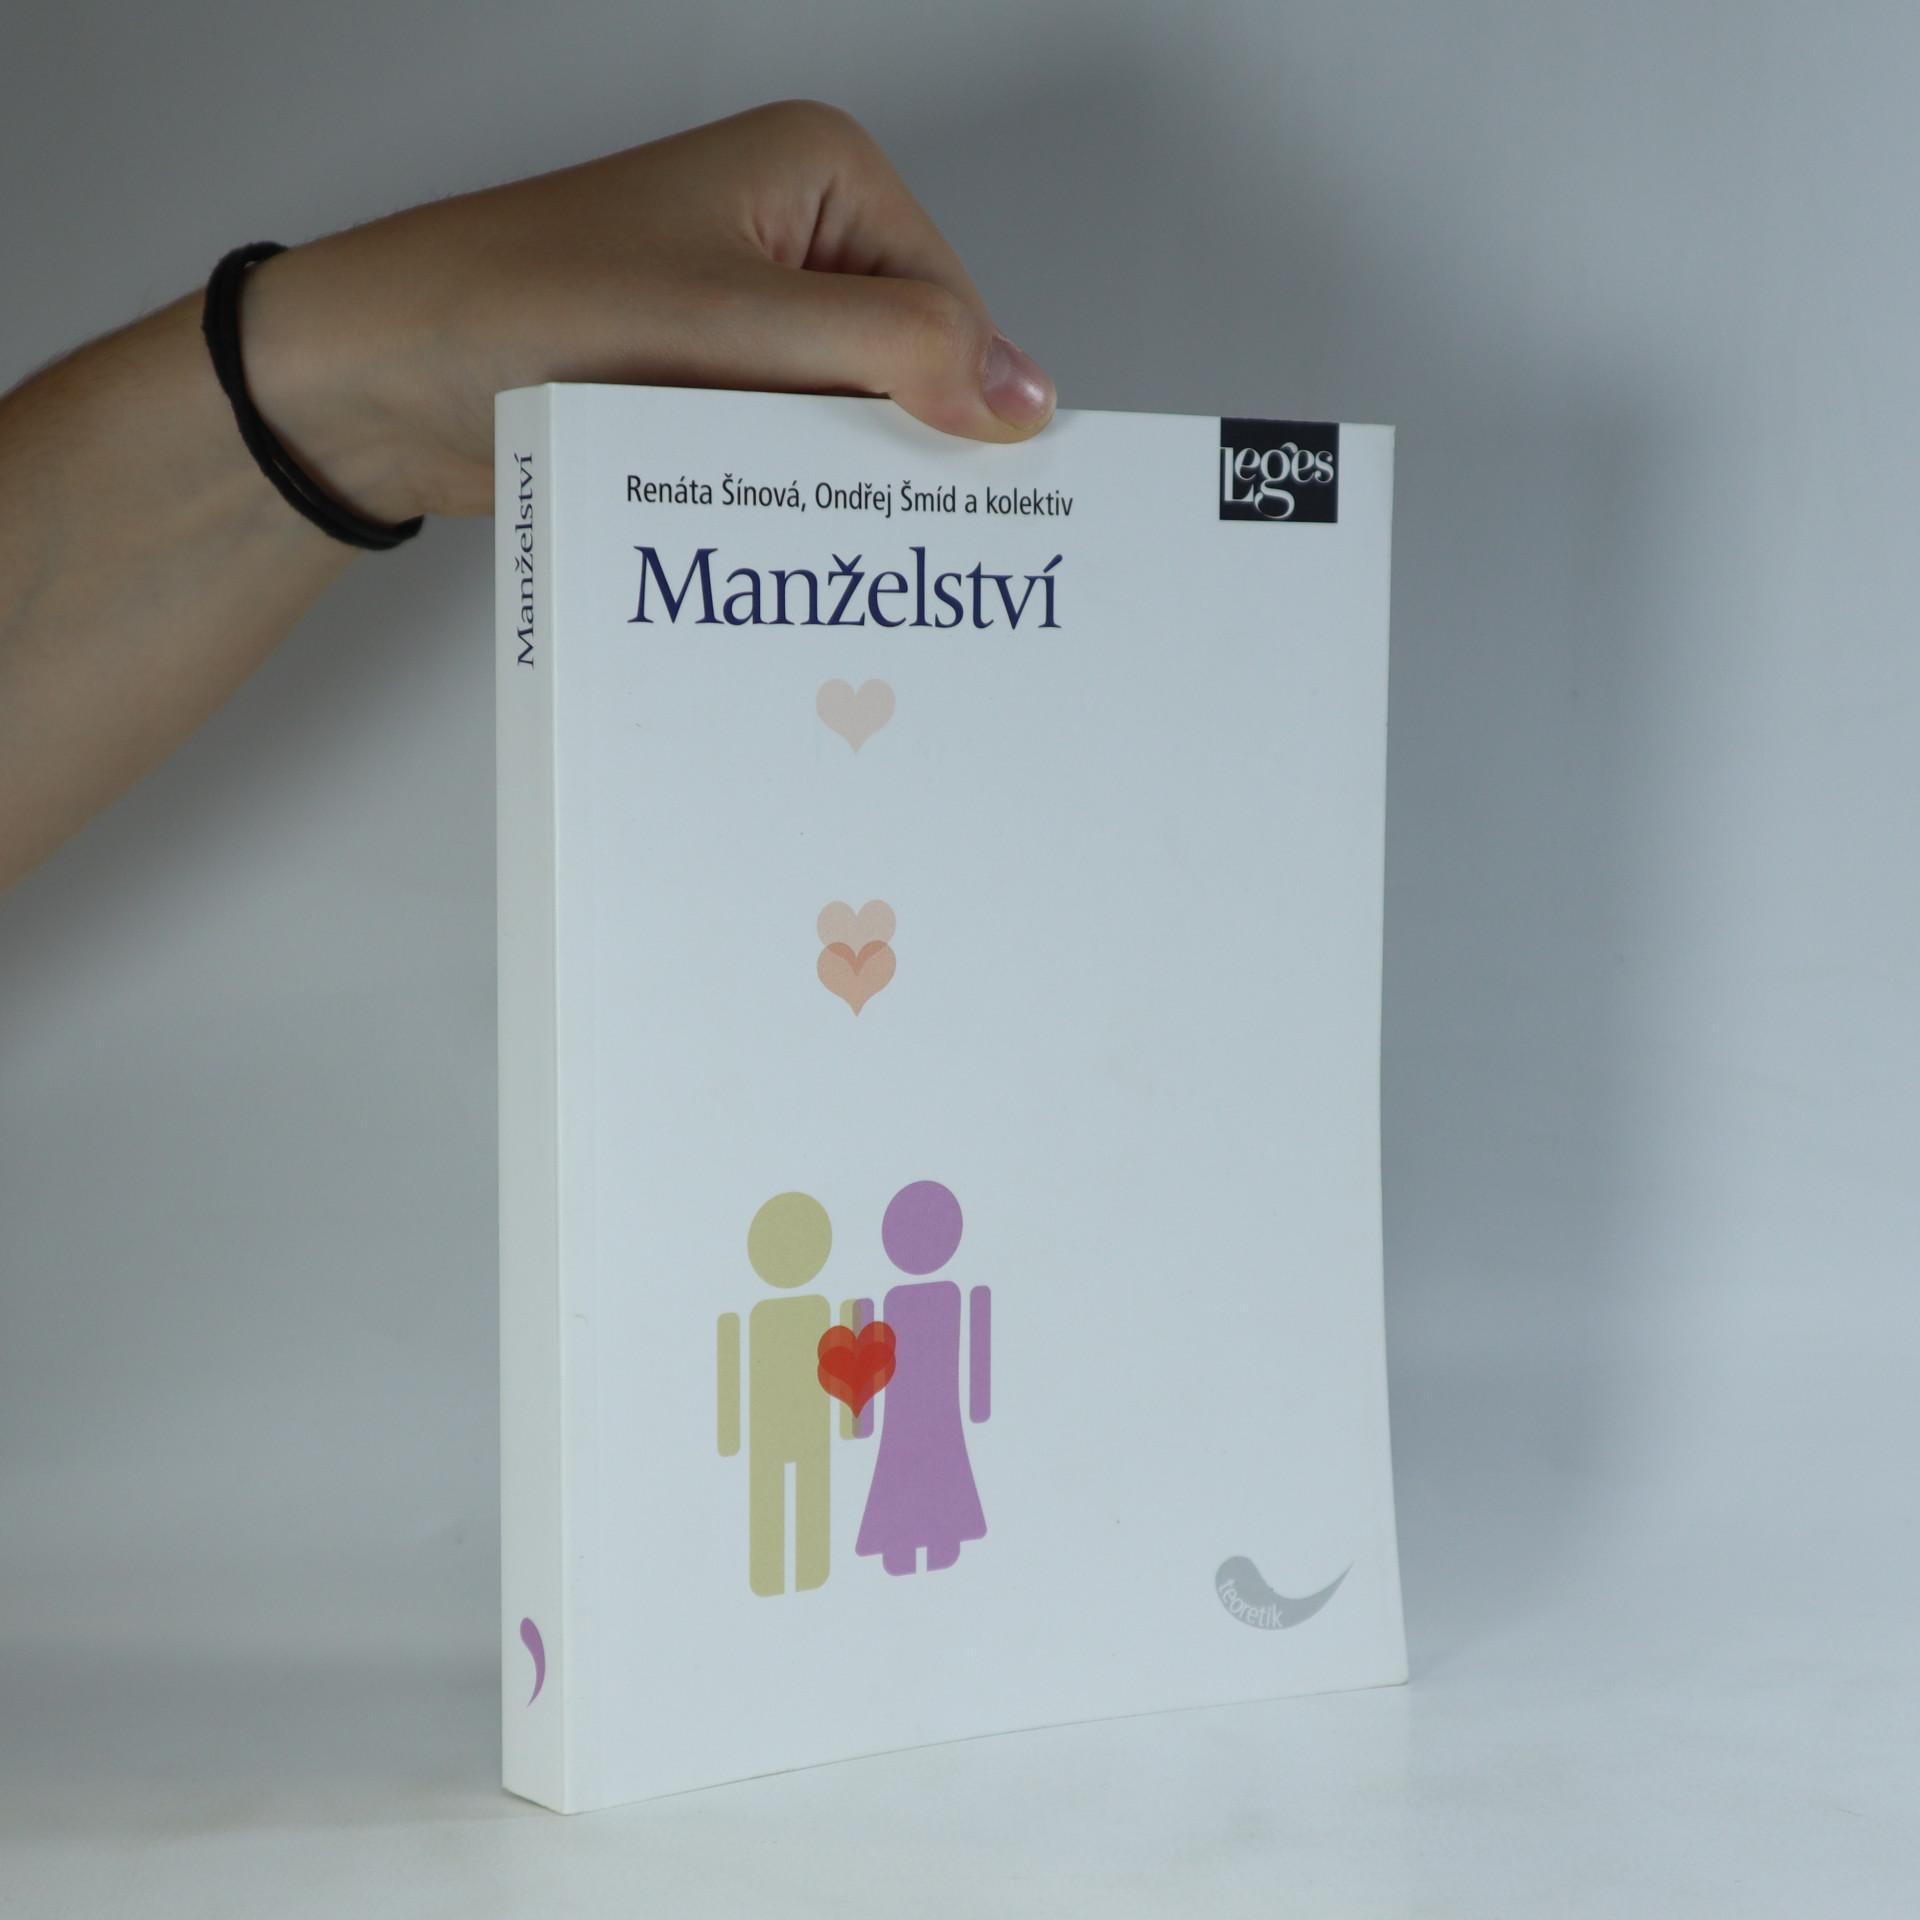 antikvární kniha Manželství, 2014